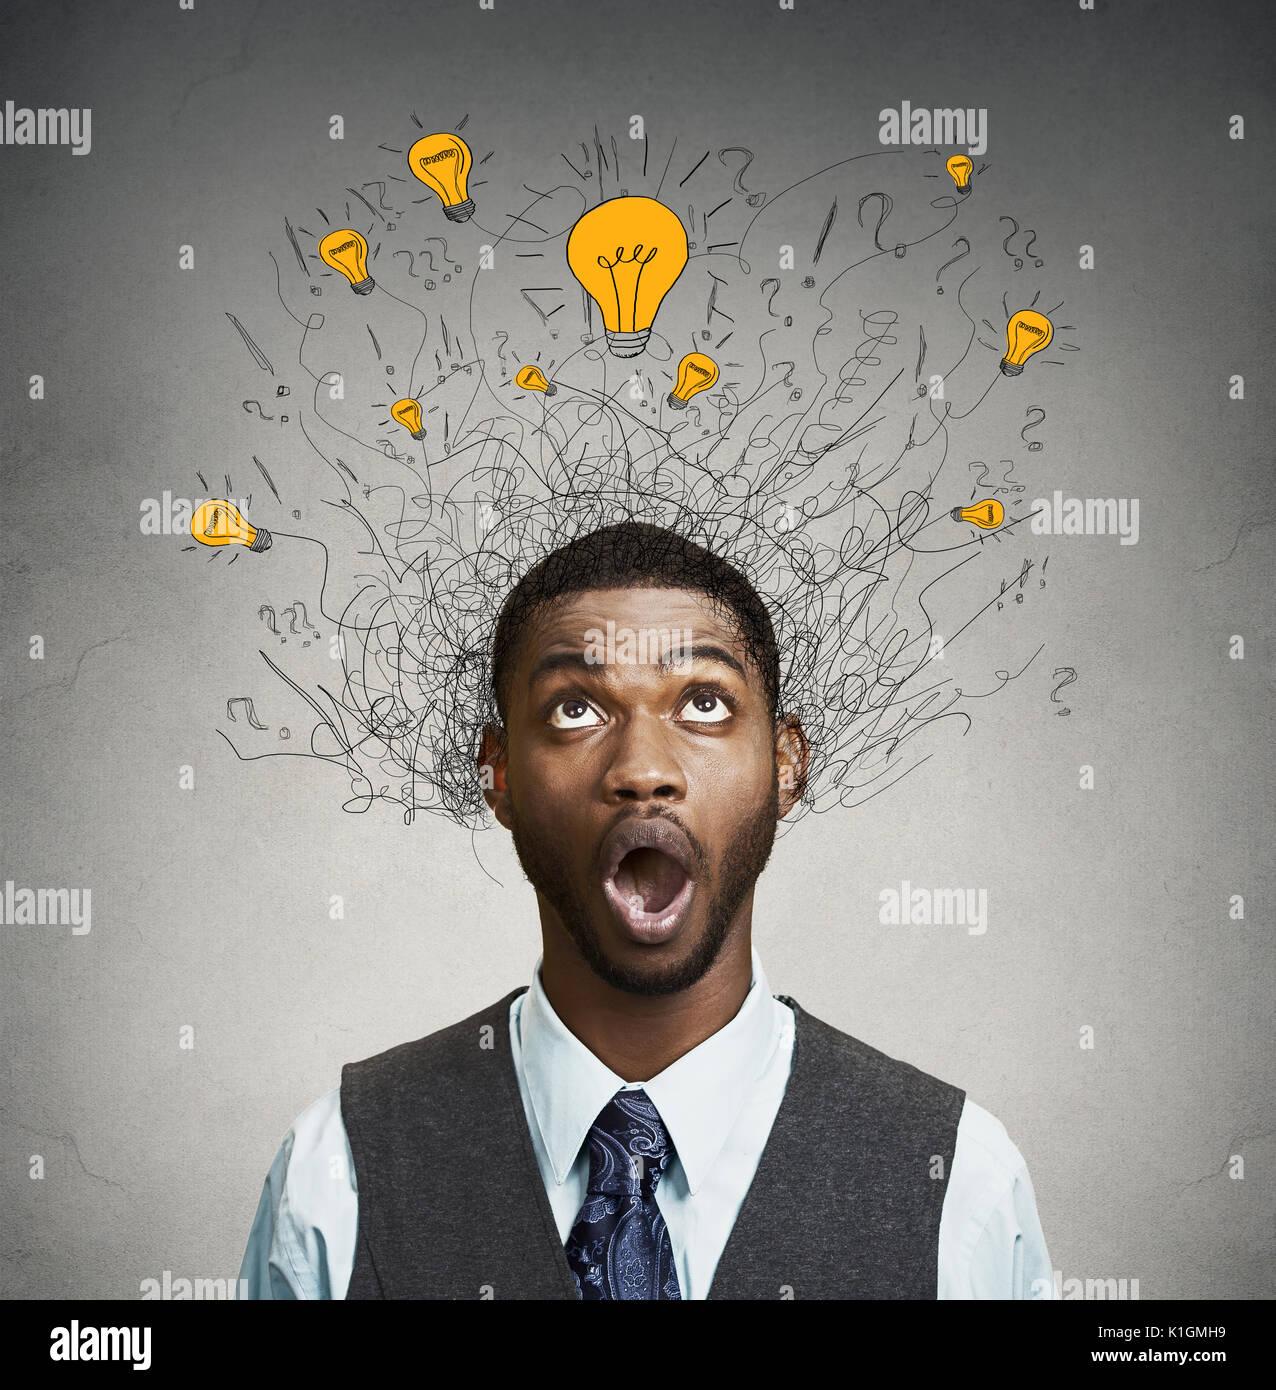 Joven con muchas bombillas de idea sobre la cabeza mirando hacia arriba aislado sobre la pared gris de fondo. Imagen De Stock